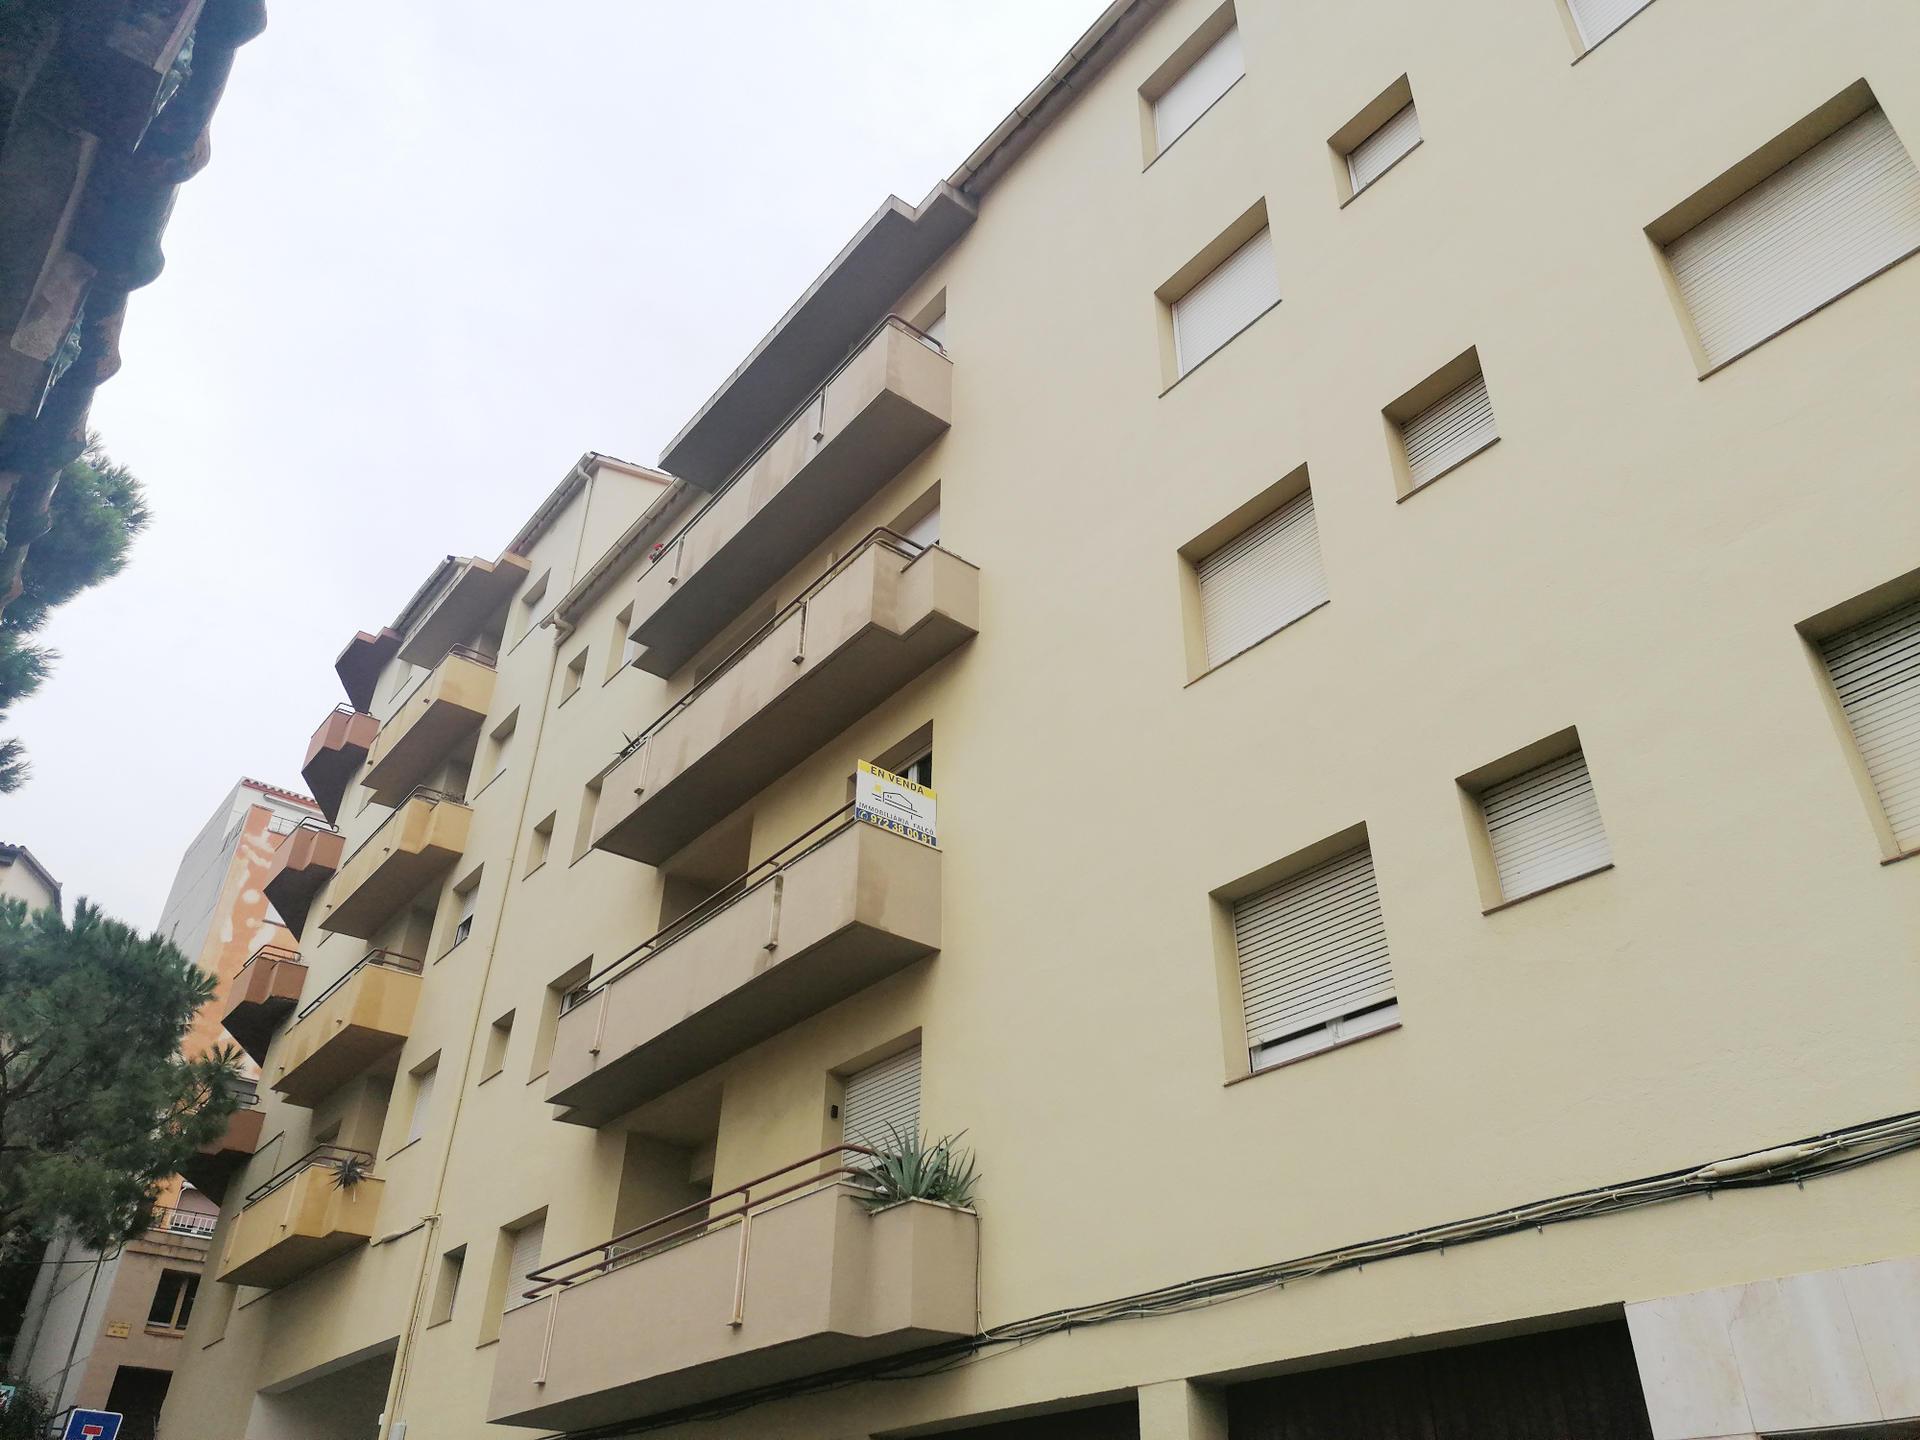 Apartamento -                                       Portbou -                                       4 dormitorios -                                       7 ocupantes